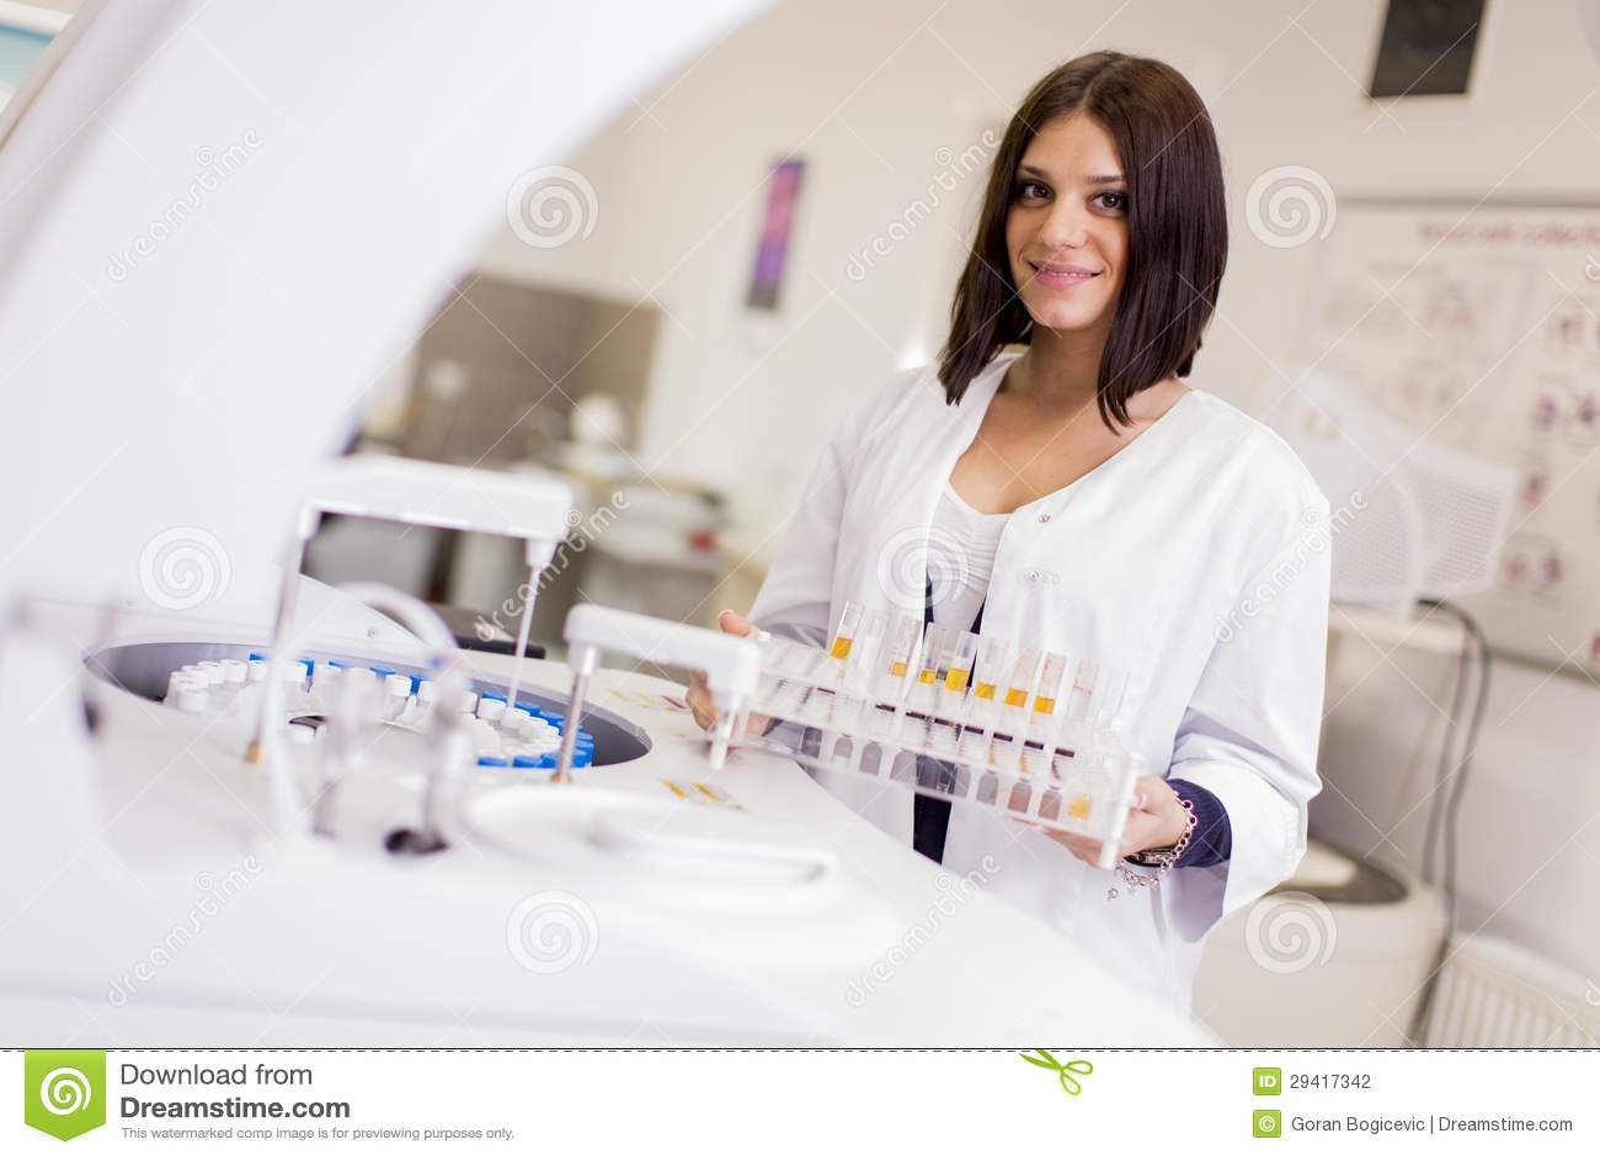 Medisch laboratorium